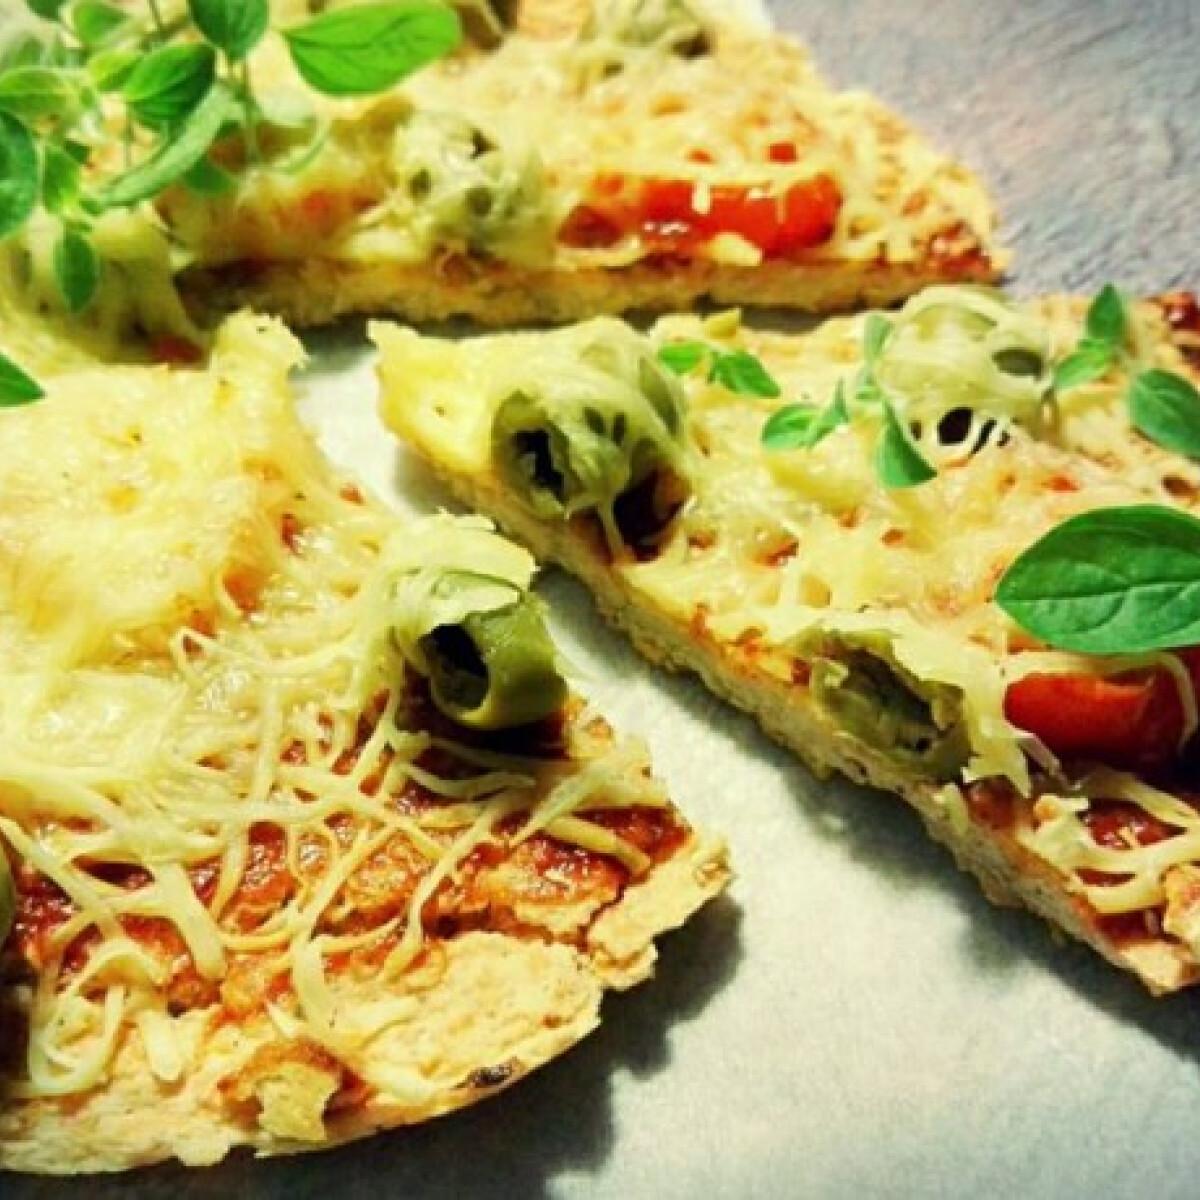 Fitnesz pizza vöröslencséből